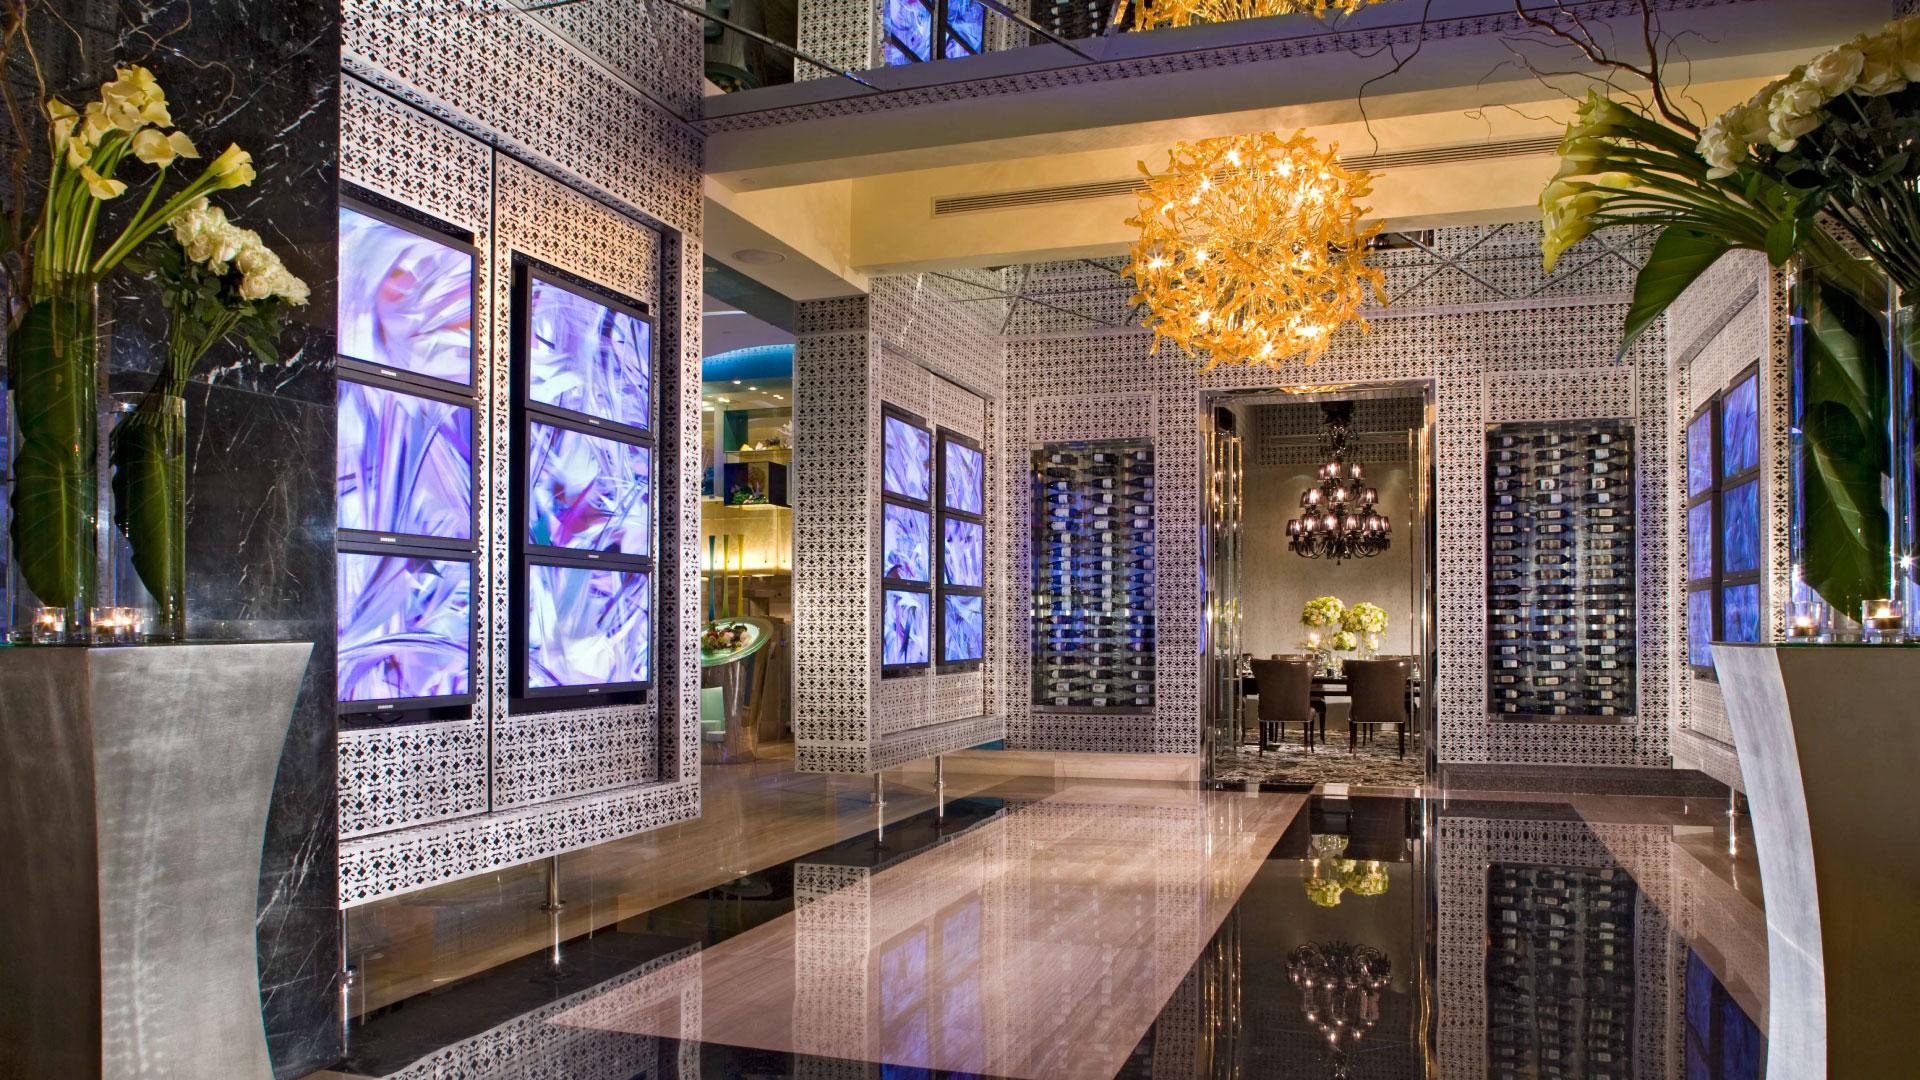 thecafe_hotel_mulia_jakarta_73.jpg